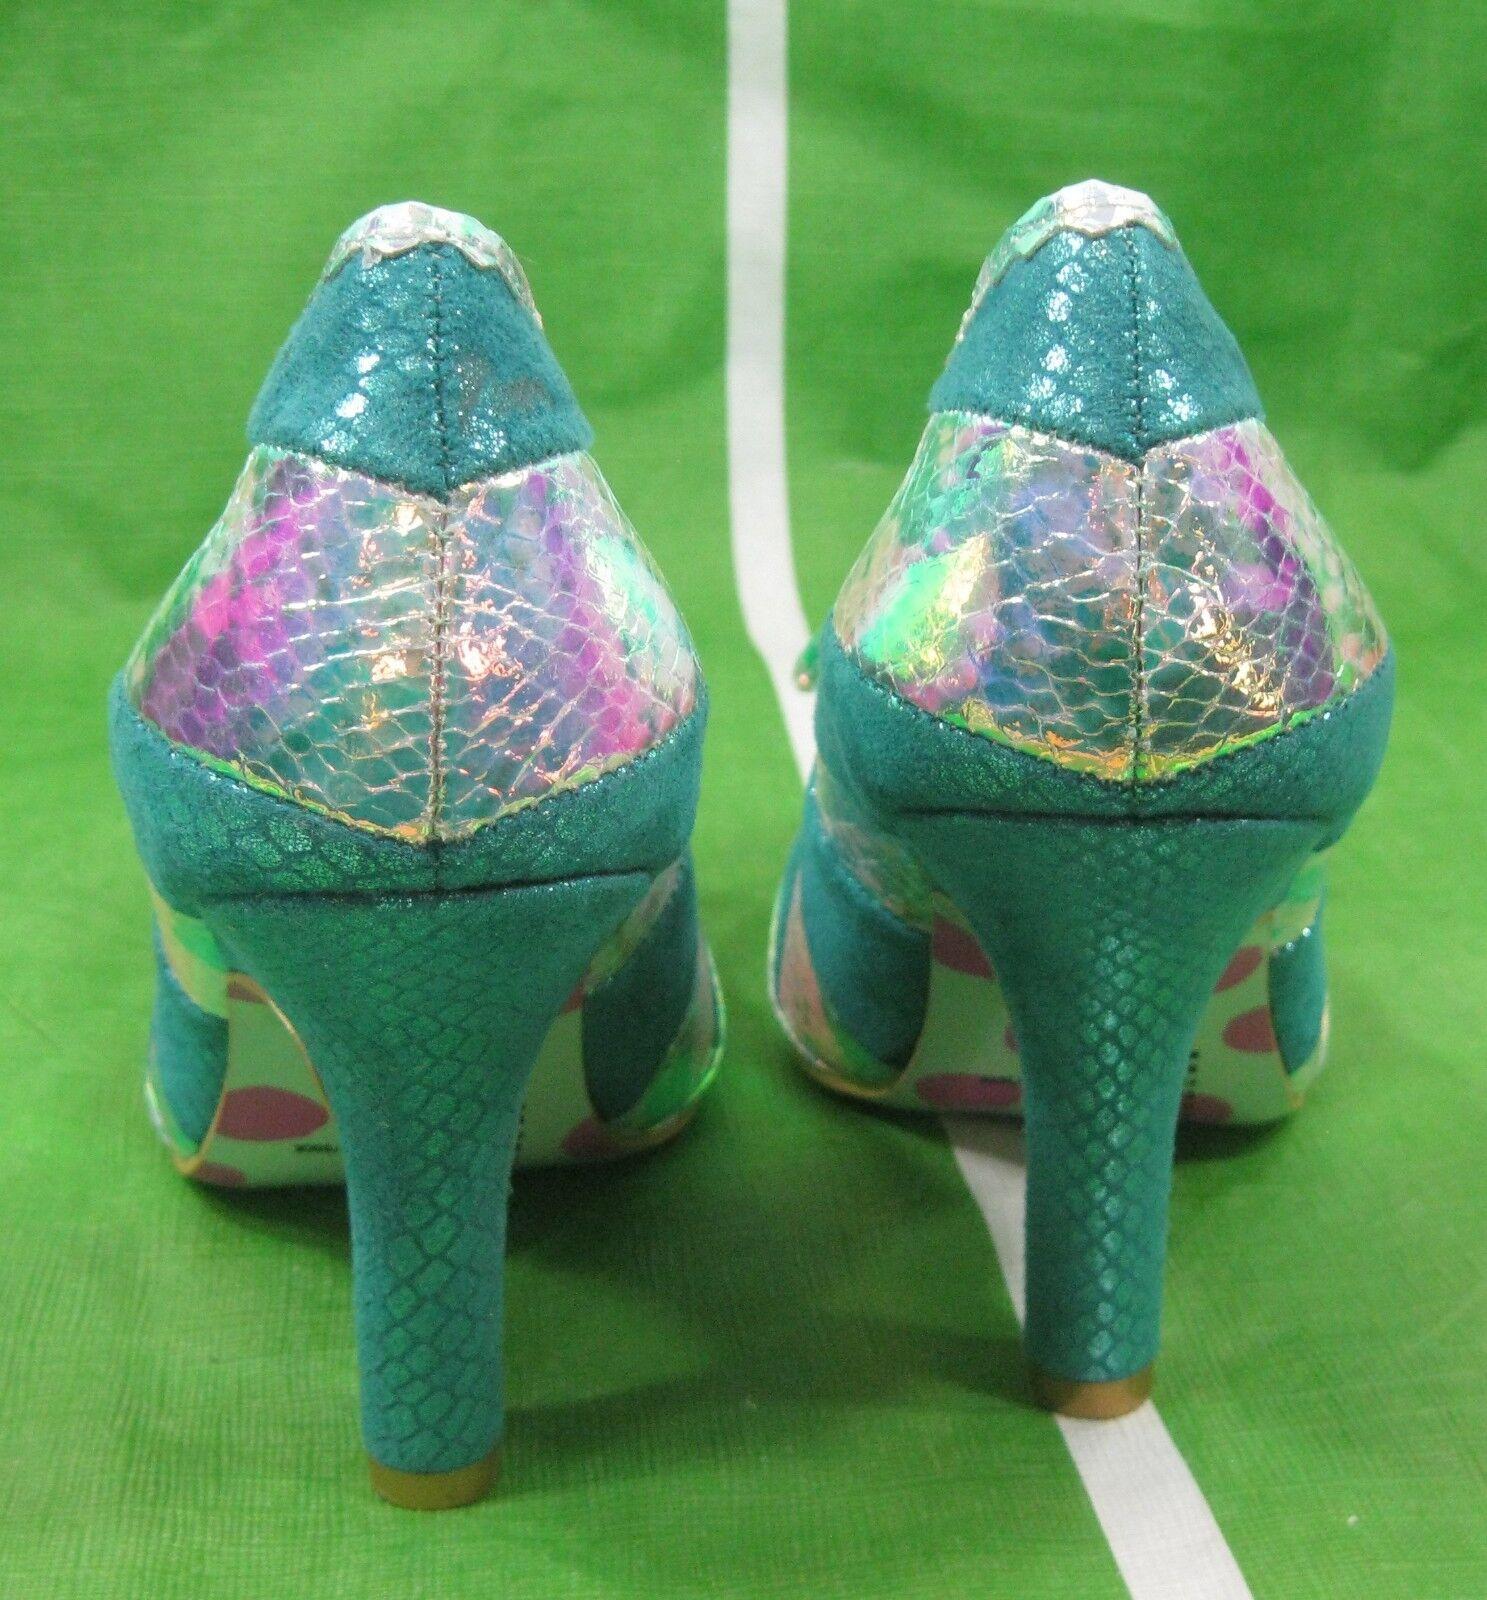 Kobra Metallisch Grün 10.2cmhigh Absatz Absatz Absatz Schlange Zeh Sexy Schuhe Größe 7 b39ed2